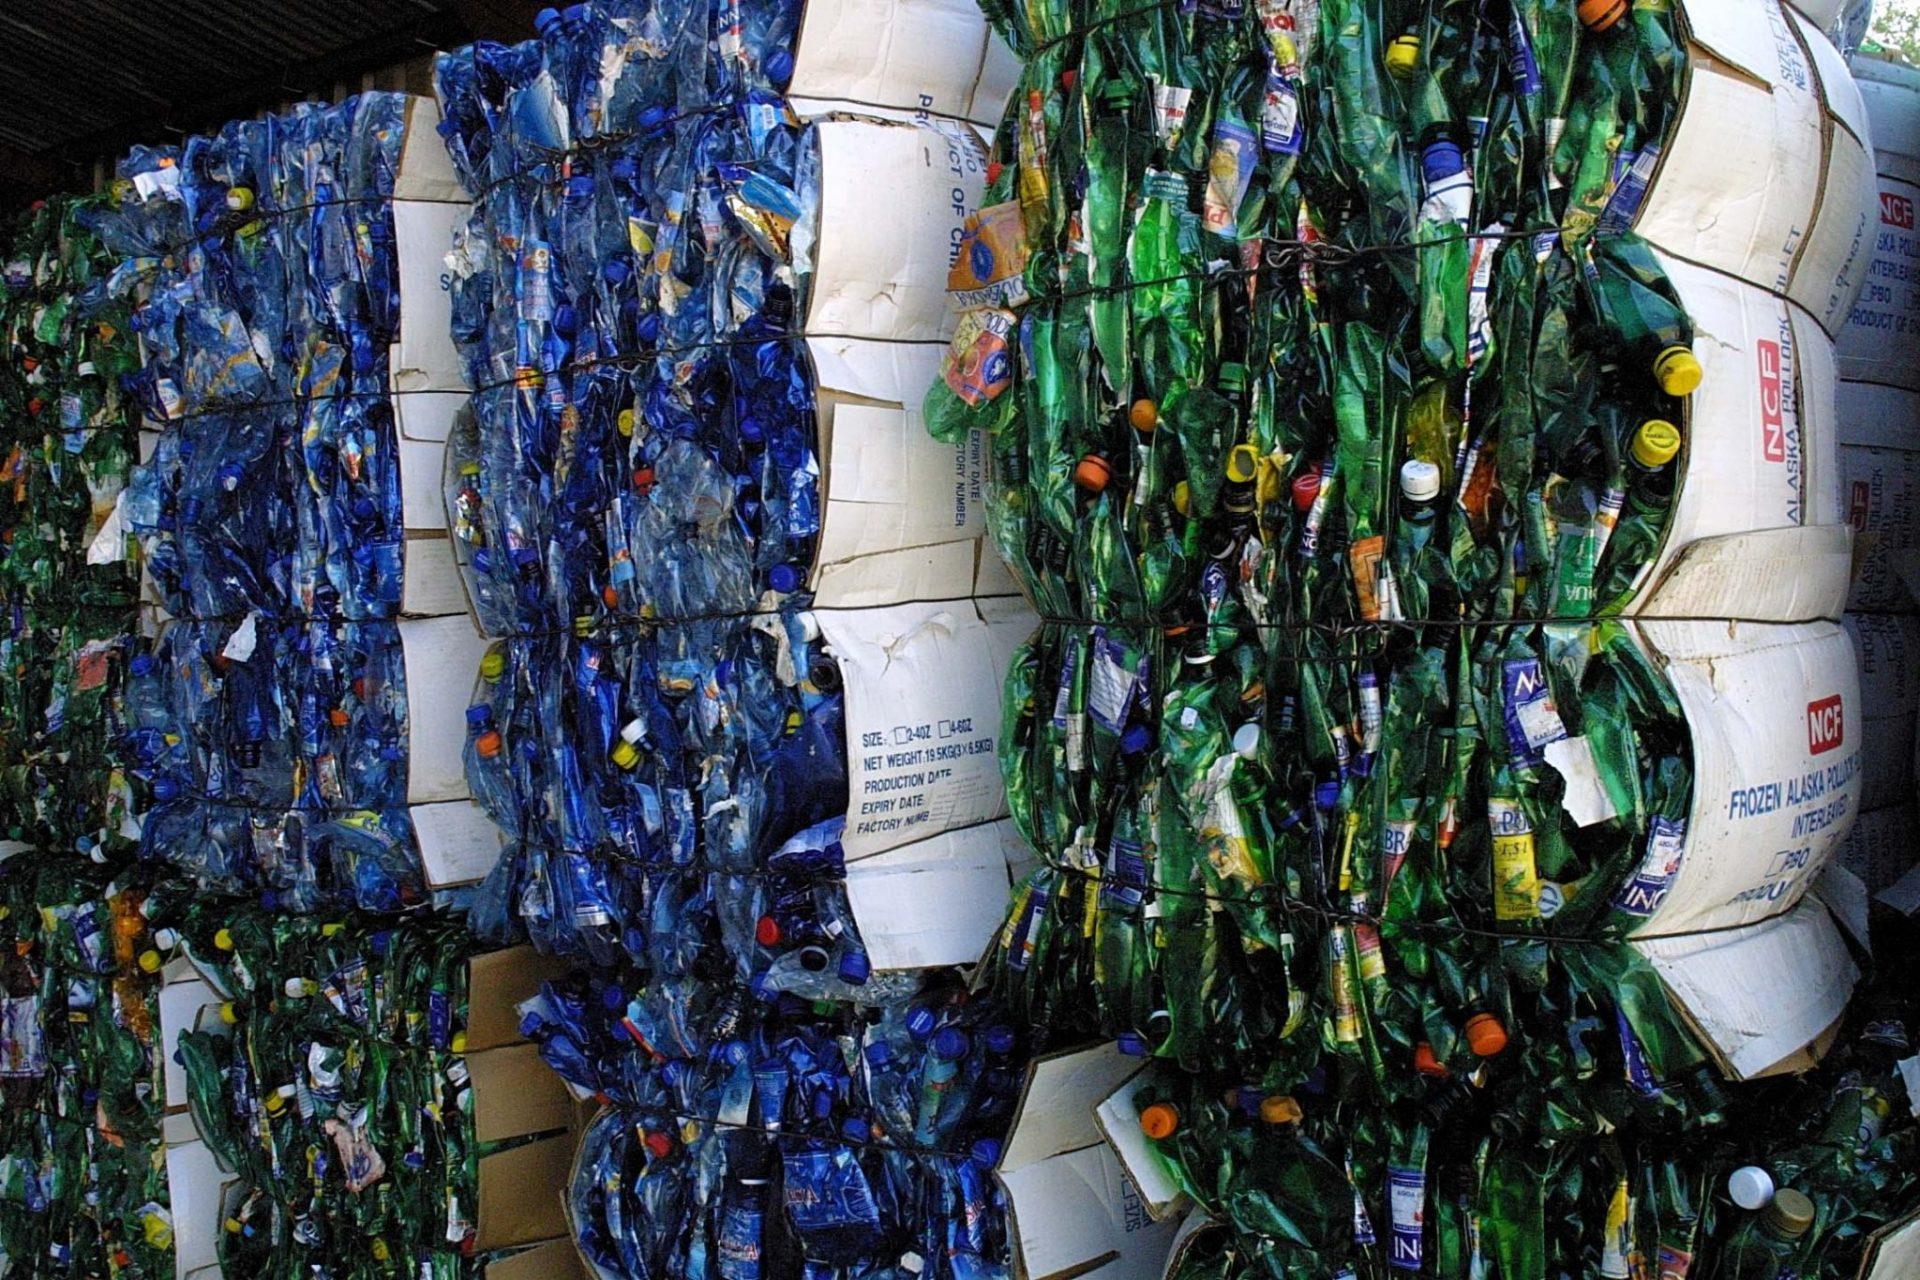 ekonovinky_kveten_samosebou_pet_lahve_slisovane_odpadky_odpad_trideni_recyklace